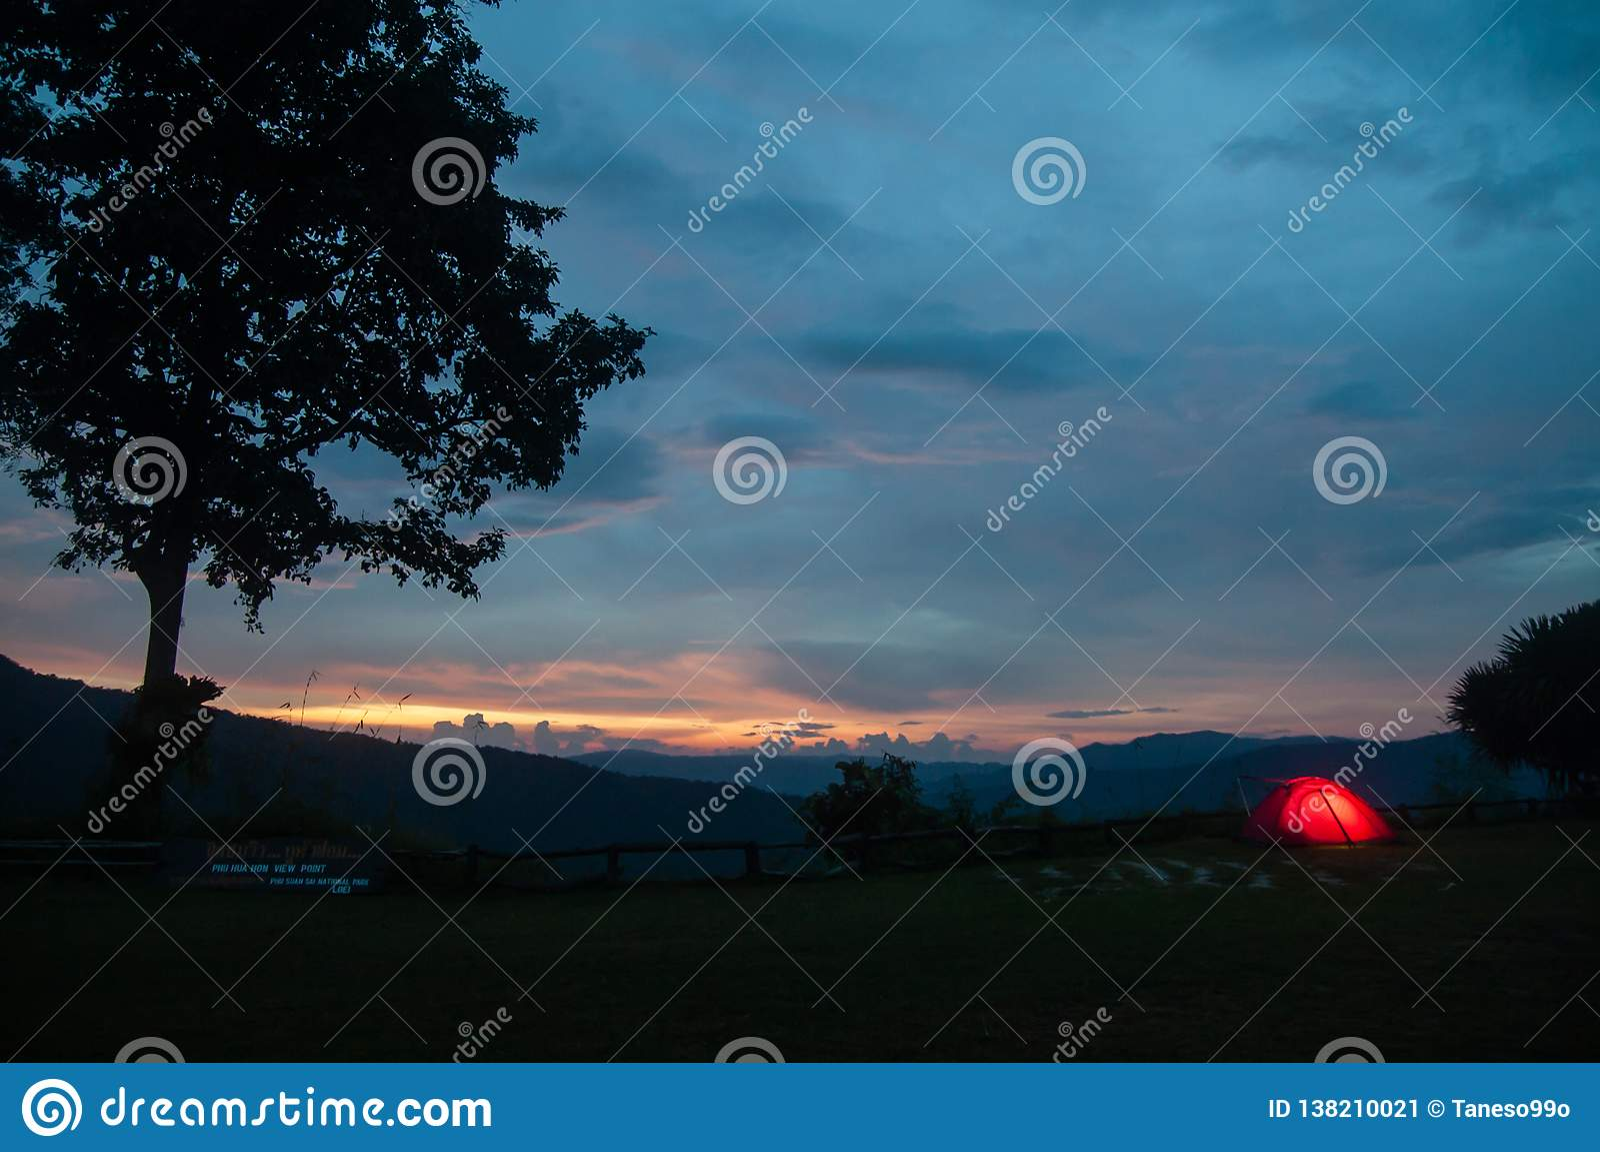 Barraca de acampamento iluminada no crepúsculo sob o céu do por do sol no pico de montanha Beira de Tailandês-Laos Phu Suan Sai N